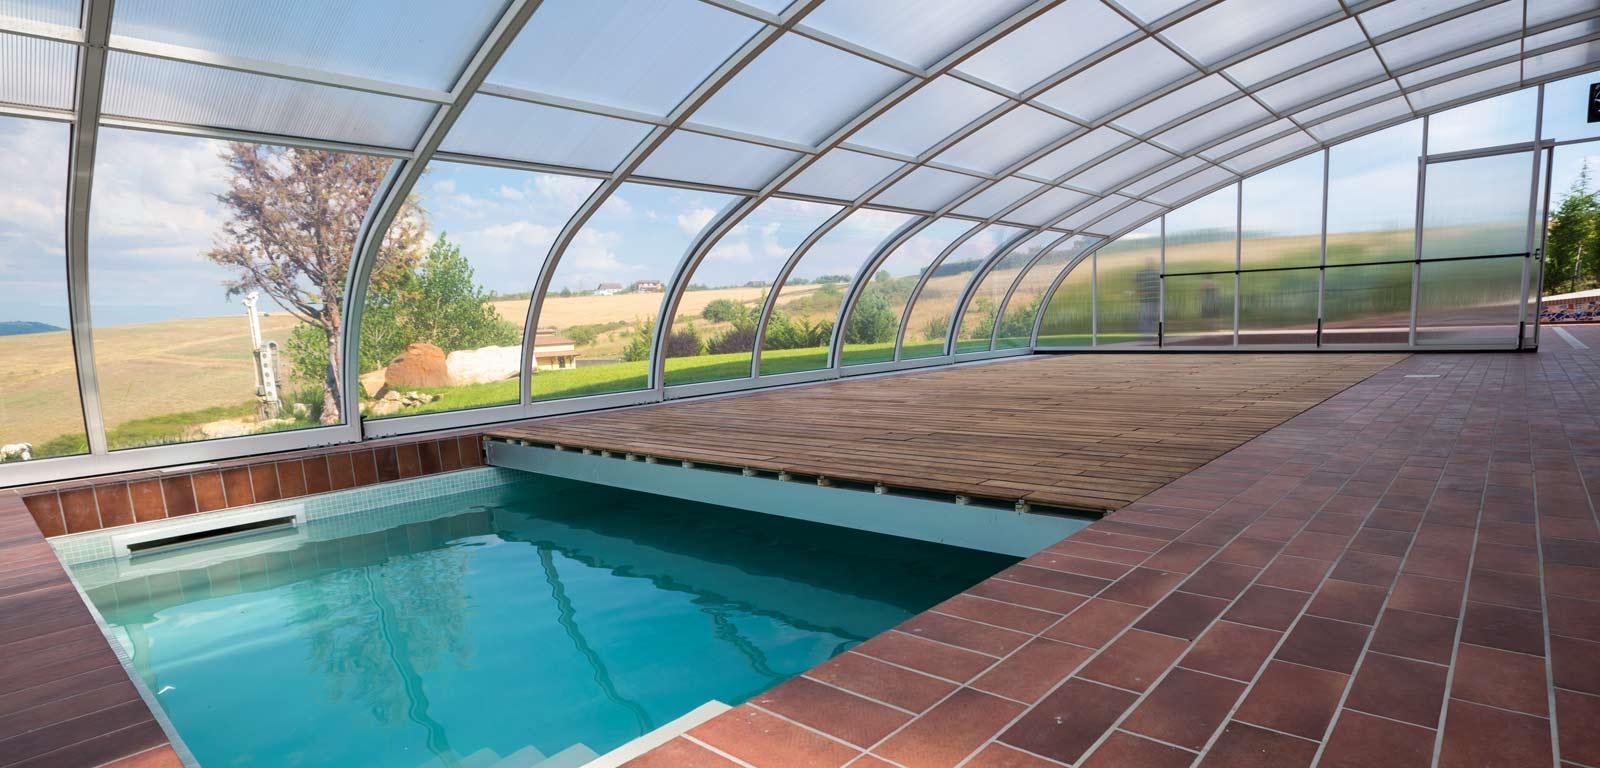 Piscine A Nocera Inferiore casetta in legno e copertura piscina necessitano del